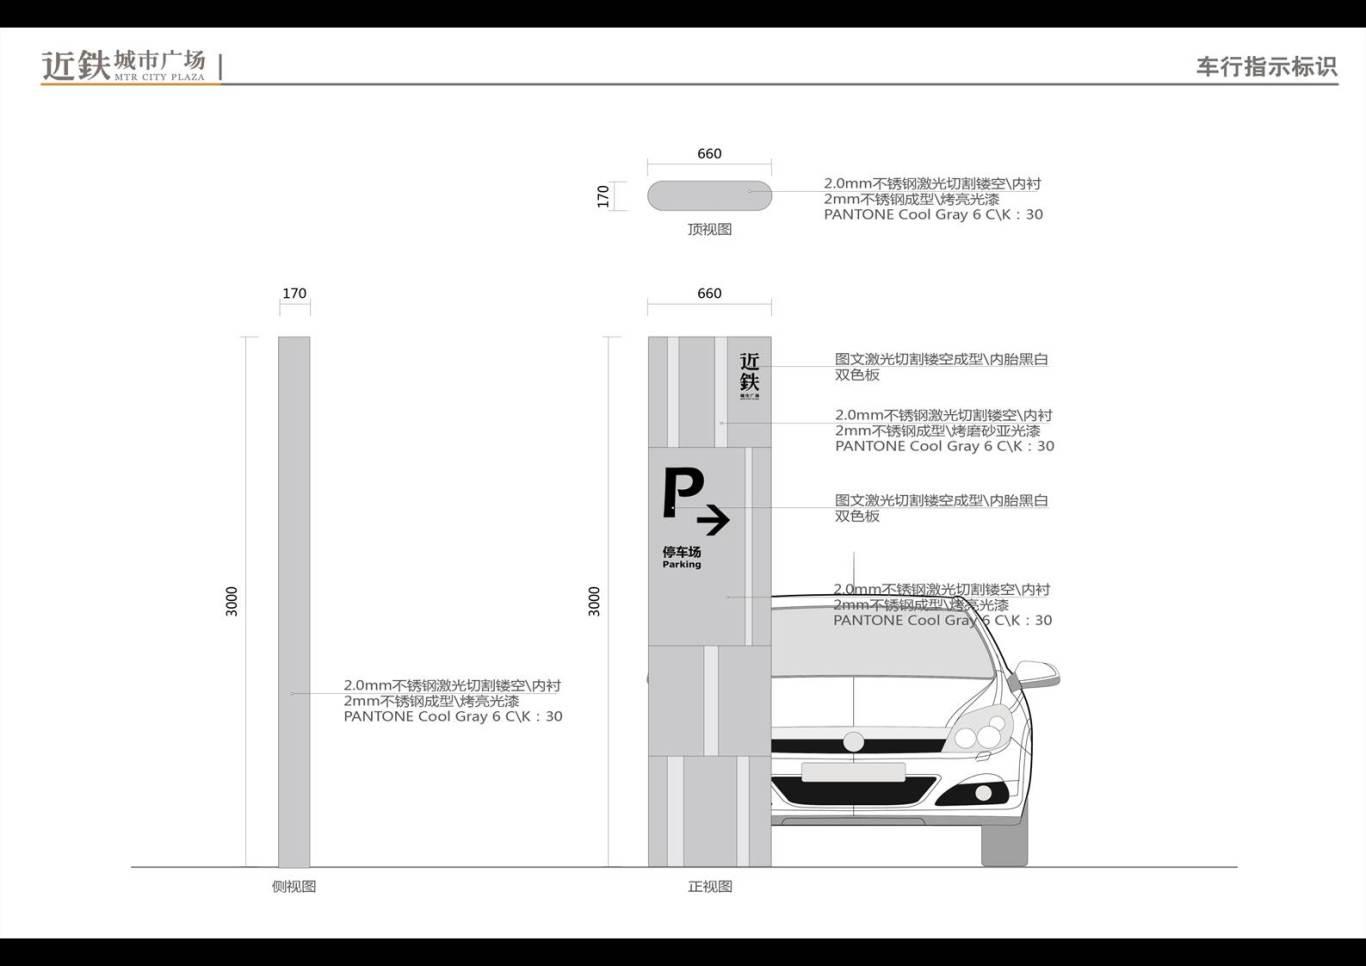 近铁城市广场环境导示设计方案图6